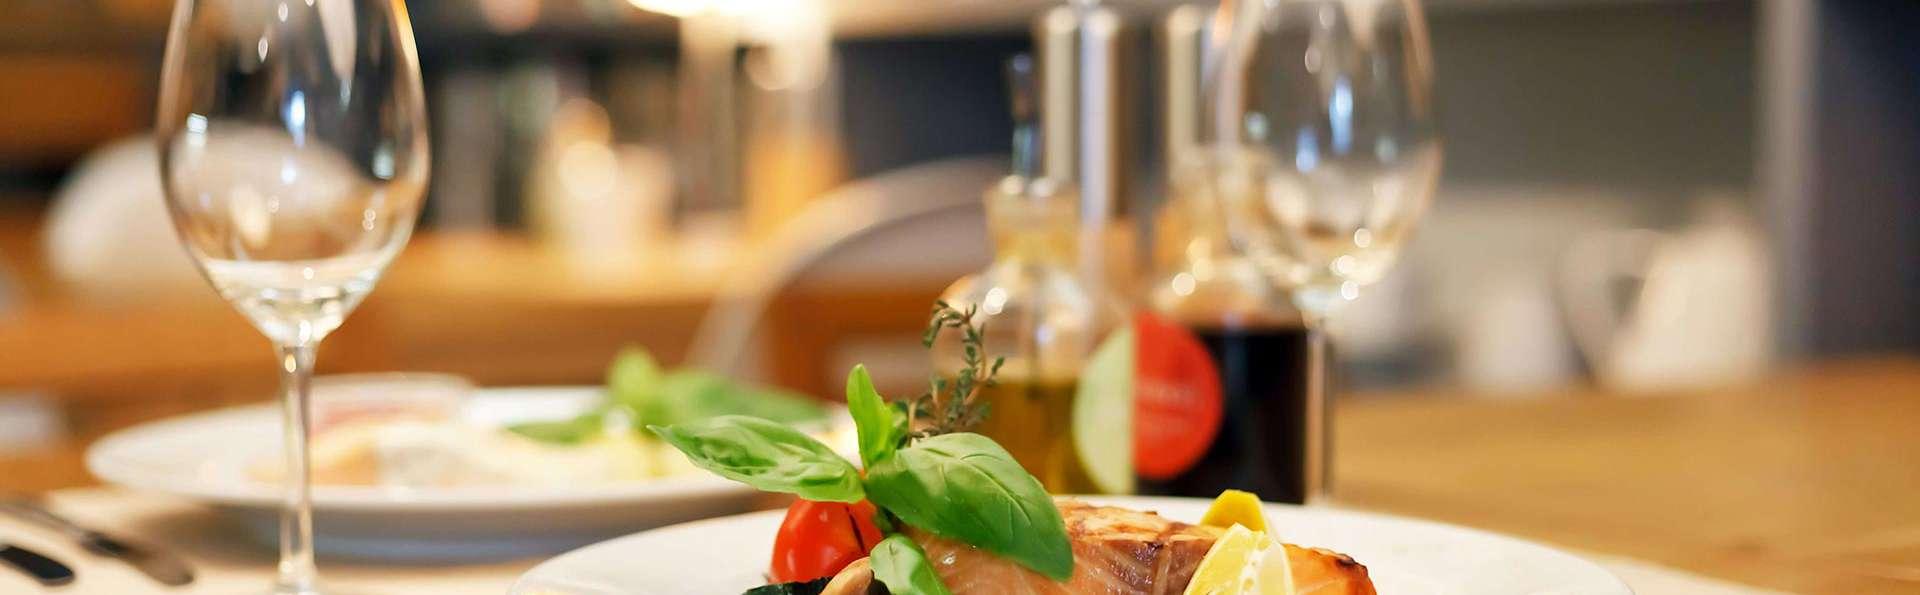 Gastronomie et détente au cœur de Cannes !